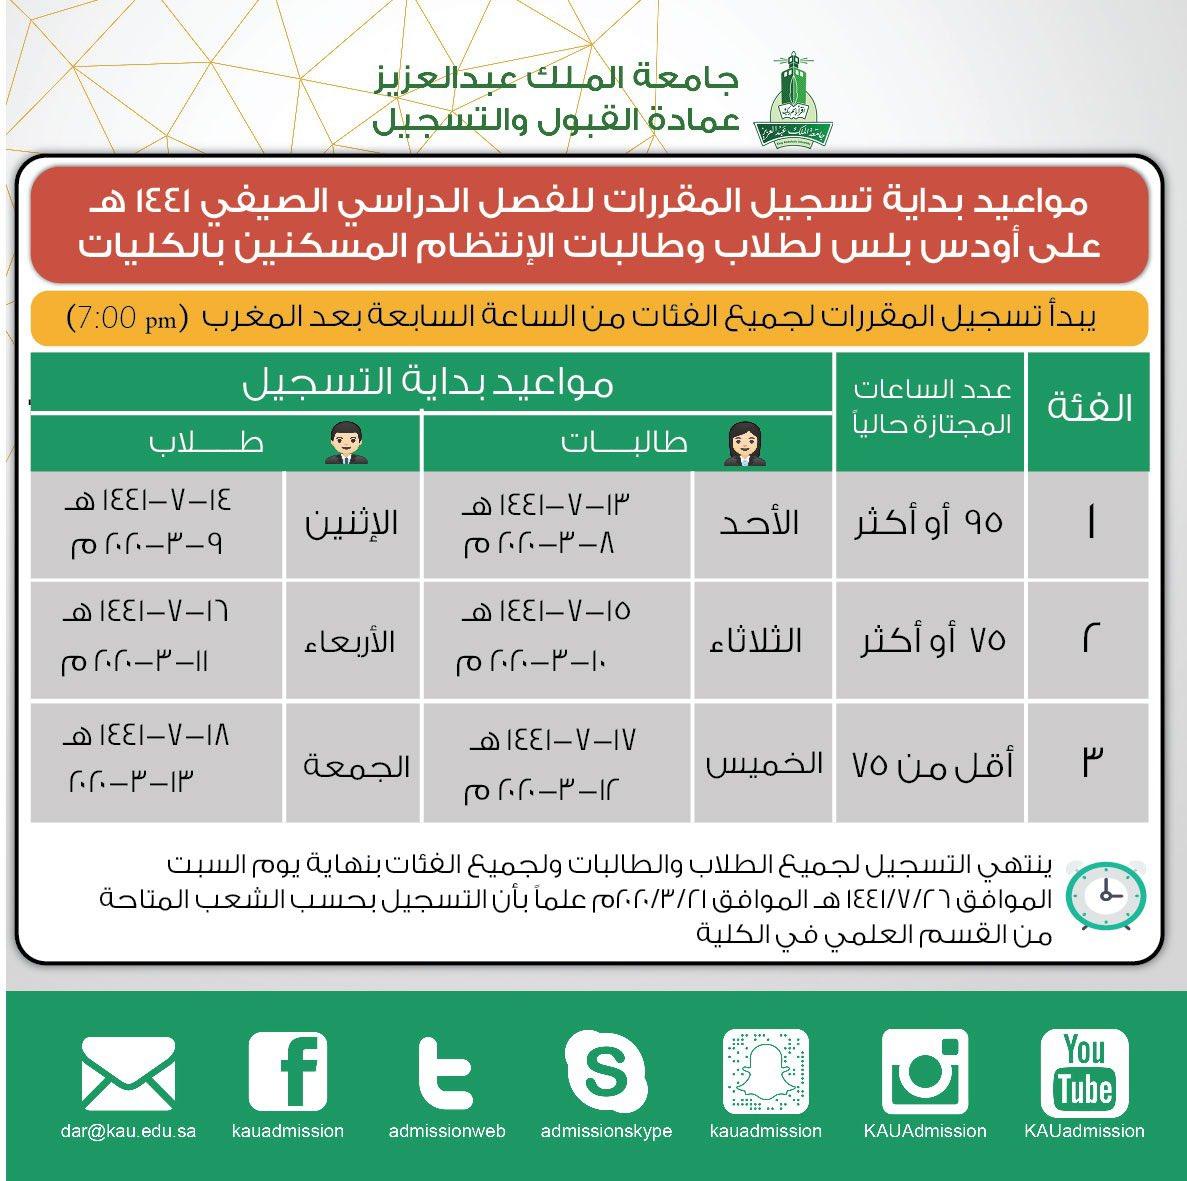 جامعة الملك عبدالعزيز تعلن مواعيد تسجيل المقررات للفصل الدراسي الصيفي لطلبة انتظام المسكنين بالكليات عاجل الآن